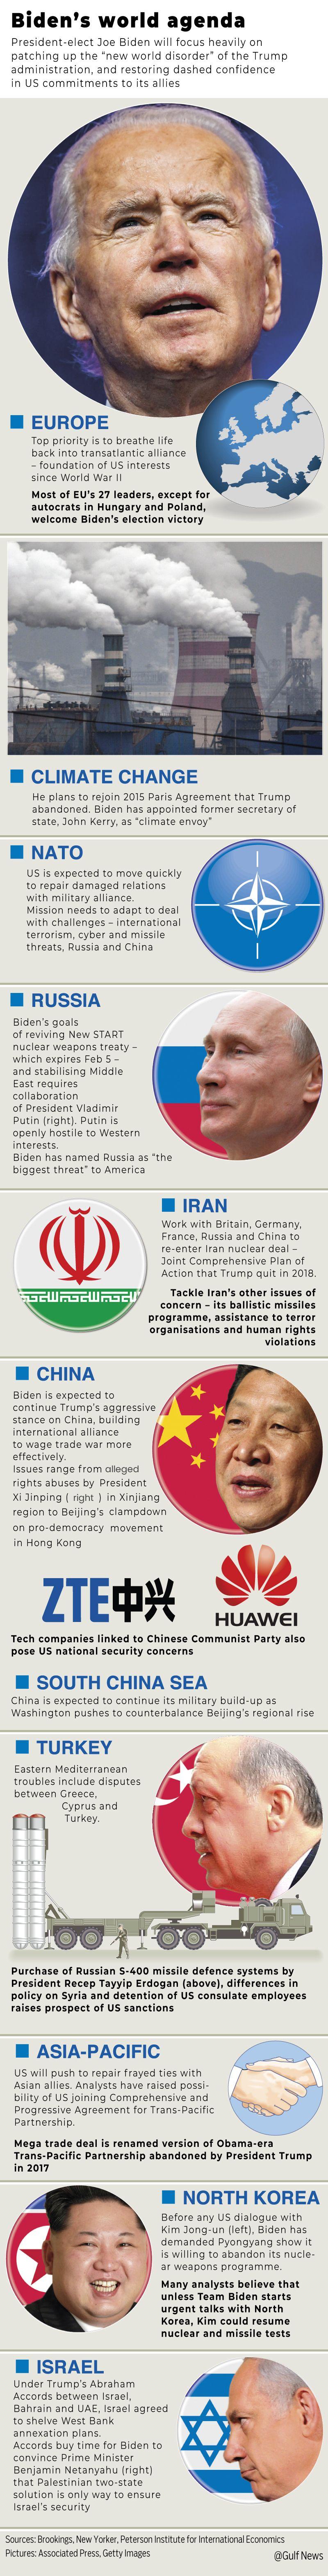 Graphic Biden world agenda